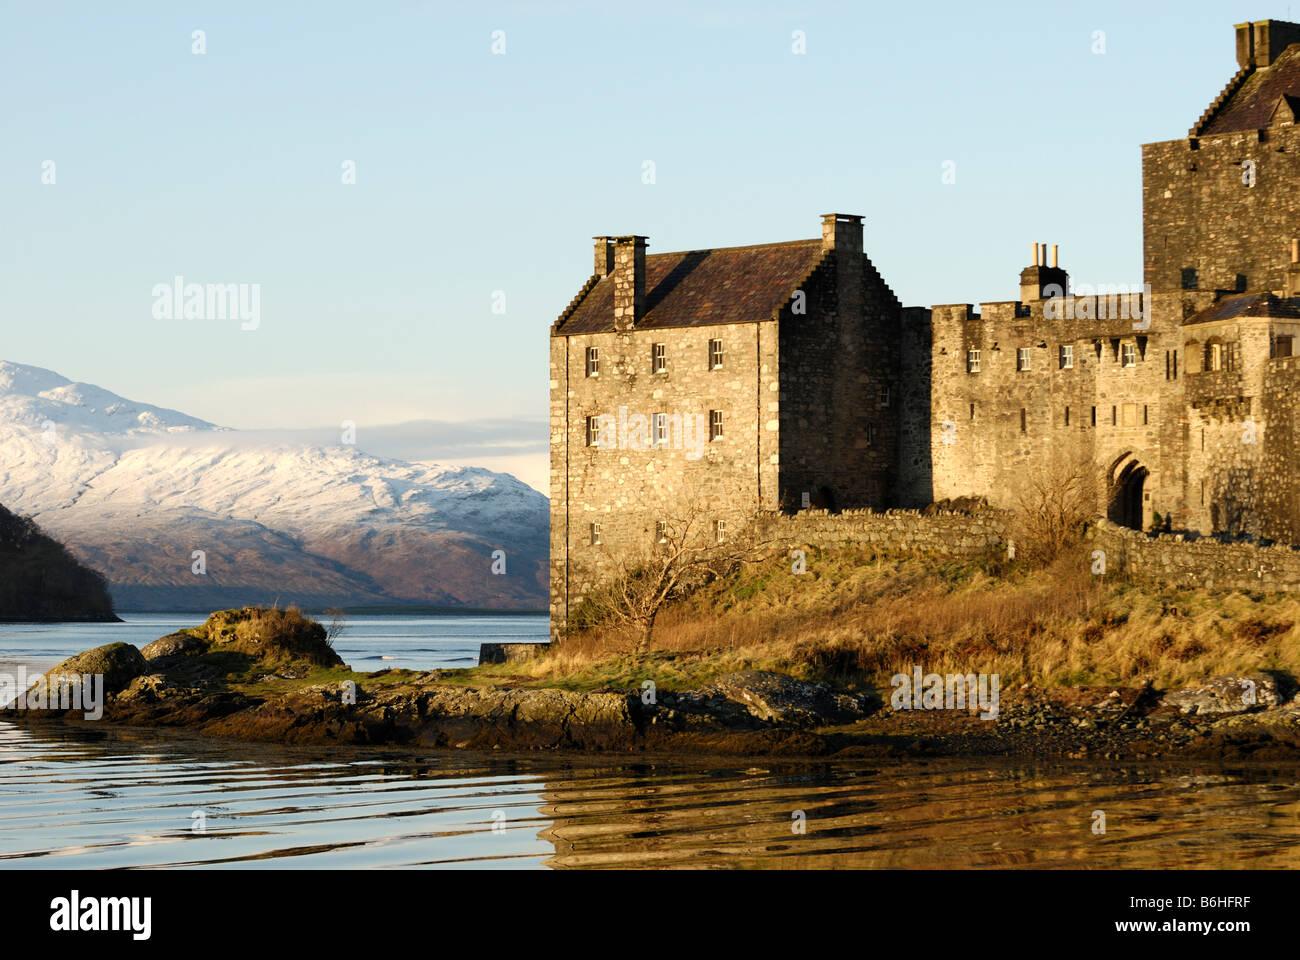 Eilean Donan Castle in winter, Loch Duich, Scotland - Stock Image